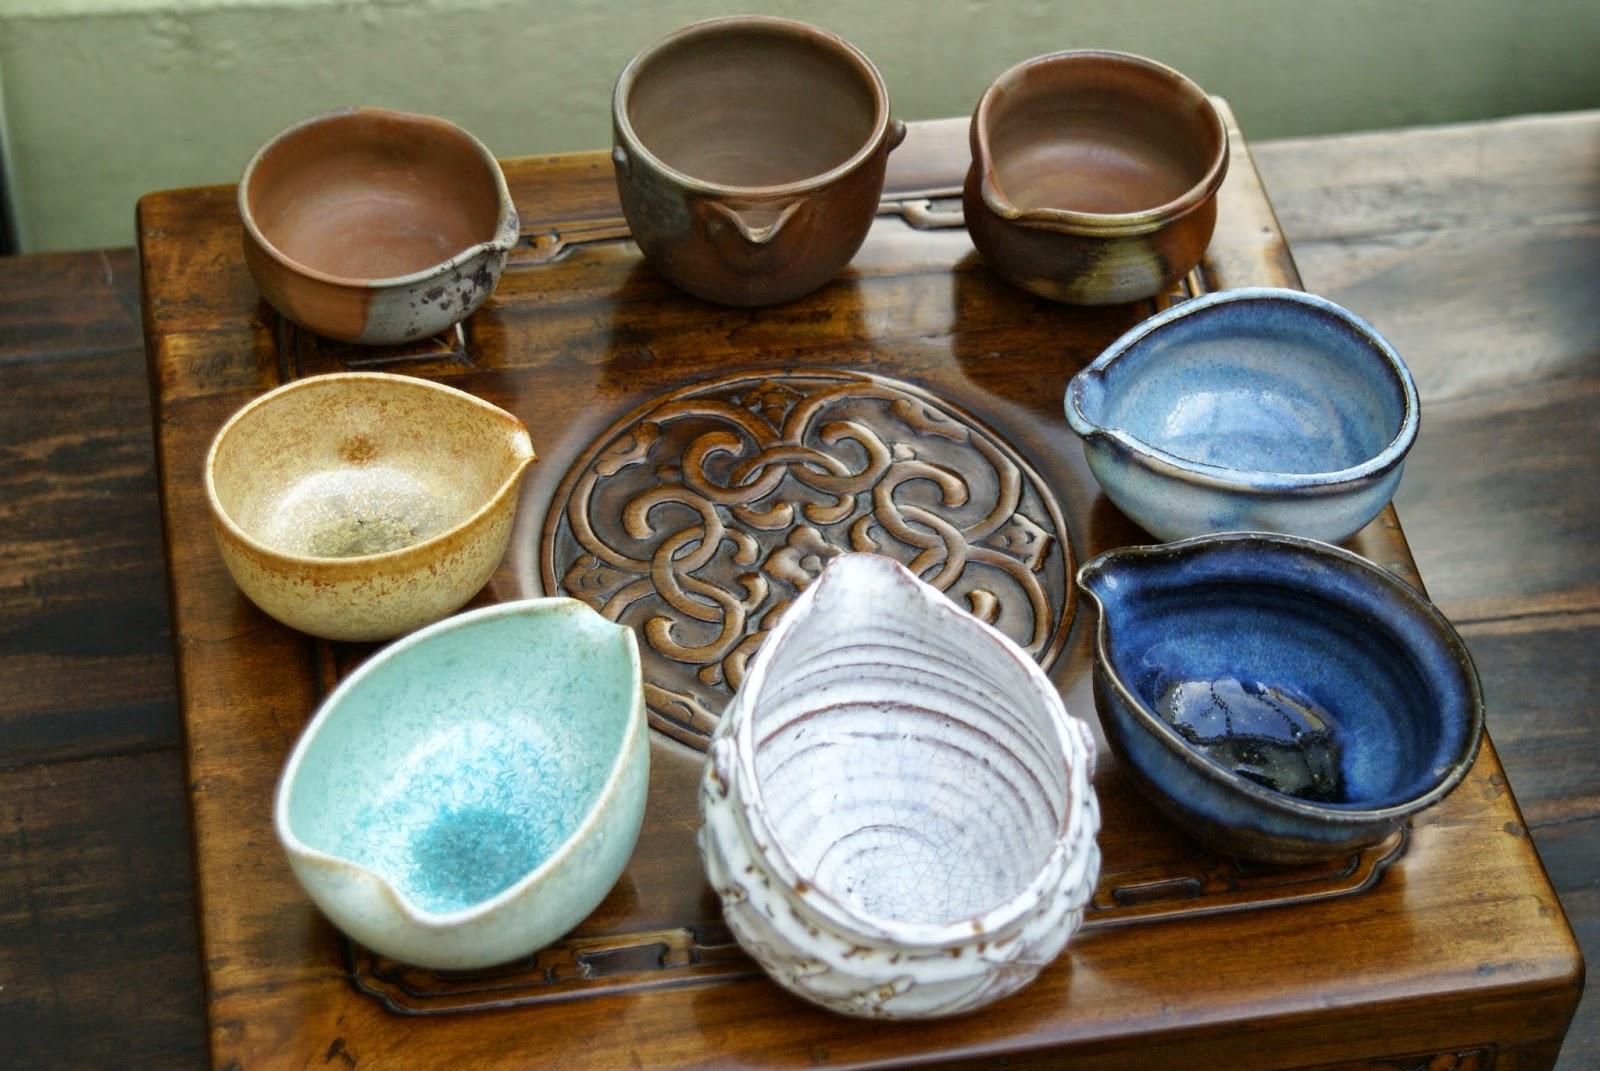 Hagi, Bizen, Arita, Tetsuaki Nakao, Yamane Seigan, Shibuya Deishi, ancienne boite chinoise, antiquité chinoise, boite chinoise ancienne, meuble chinois ancien